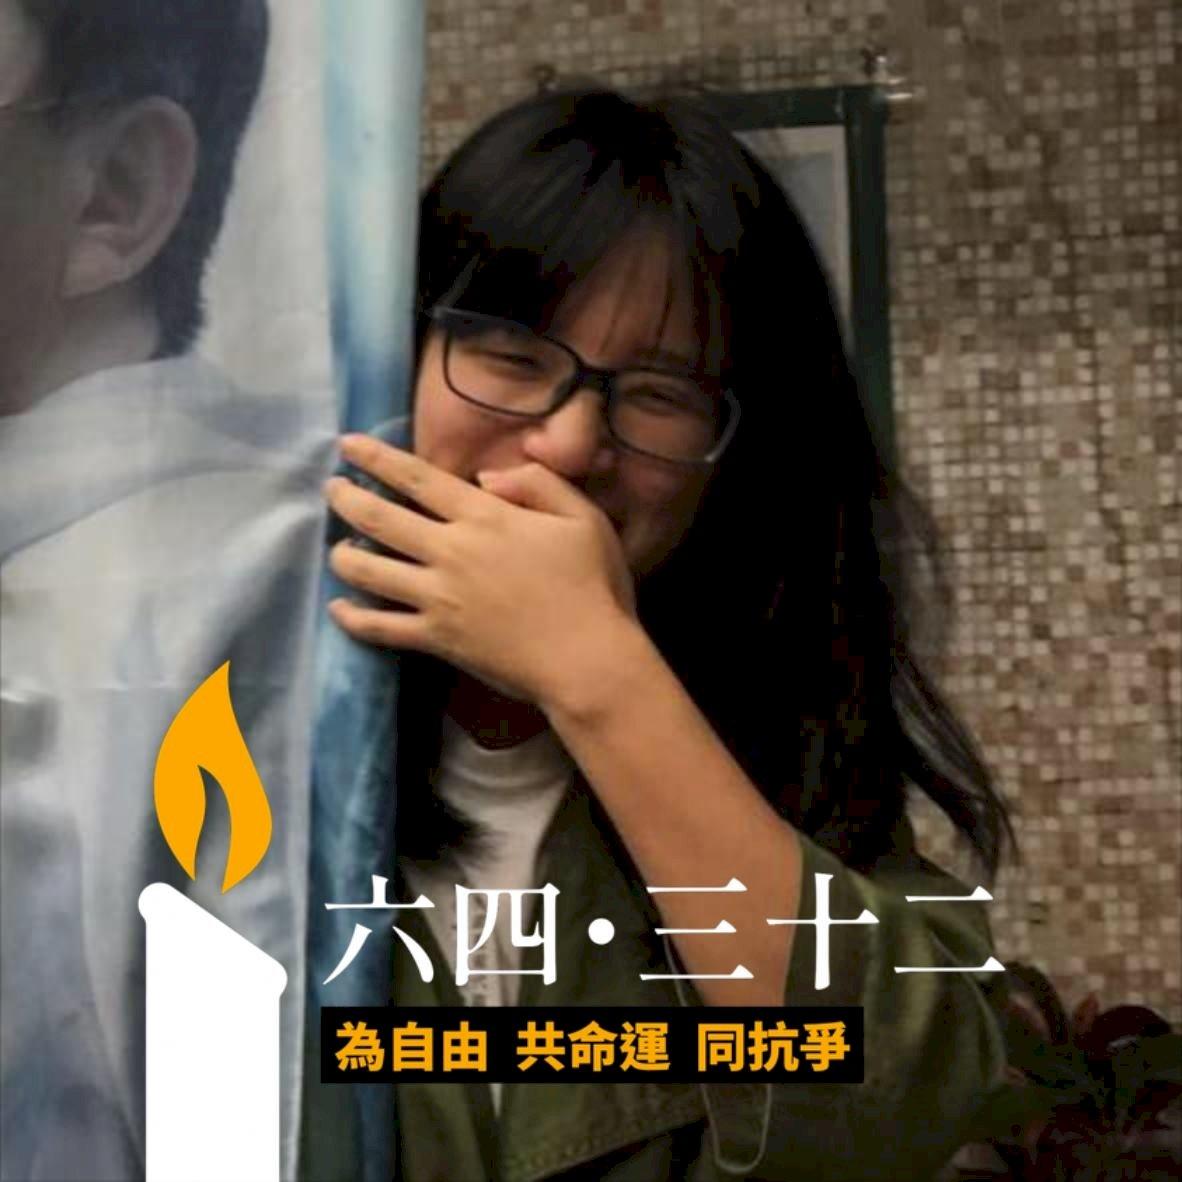 六四32週年 香港支聯會副主席被捕